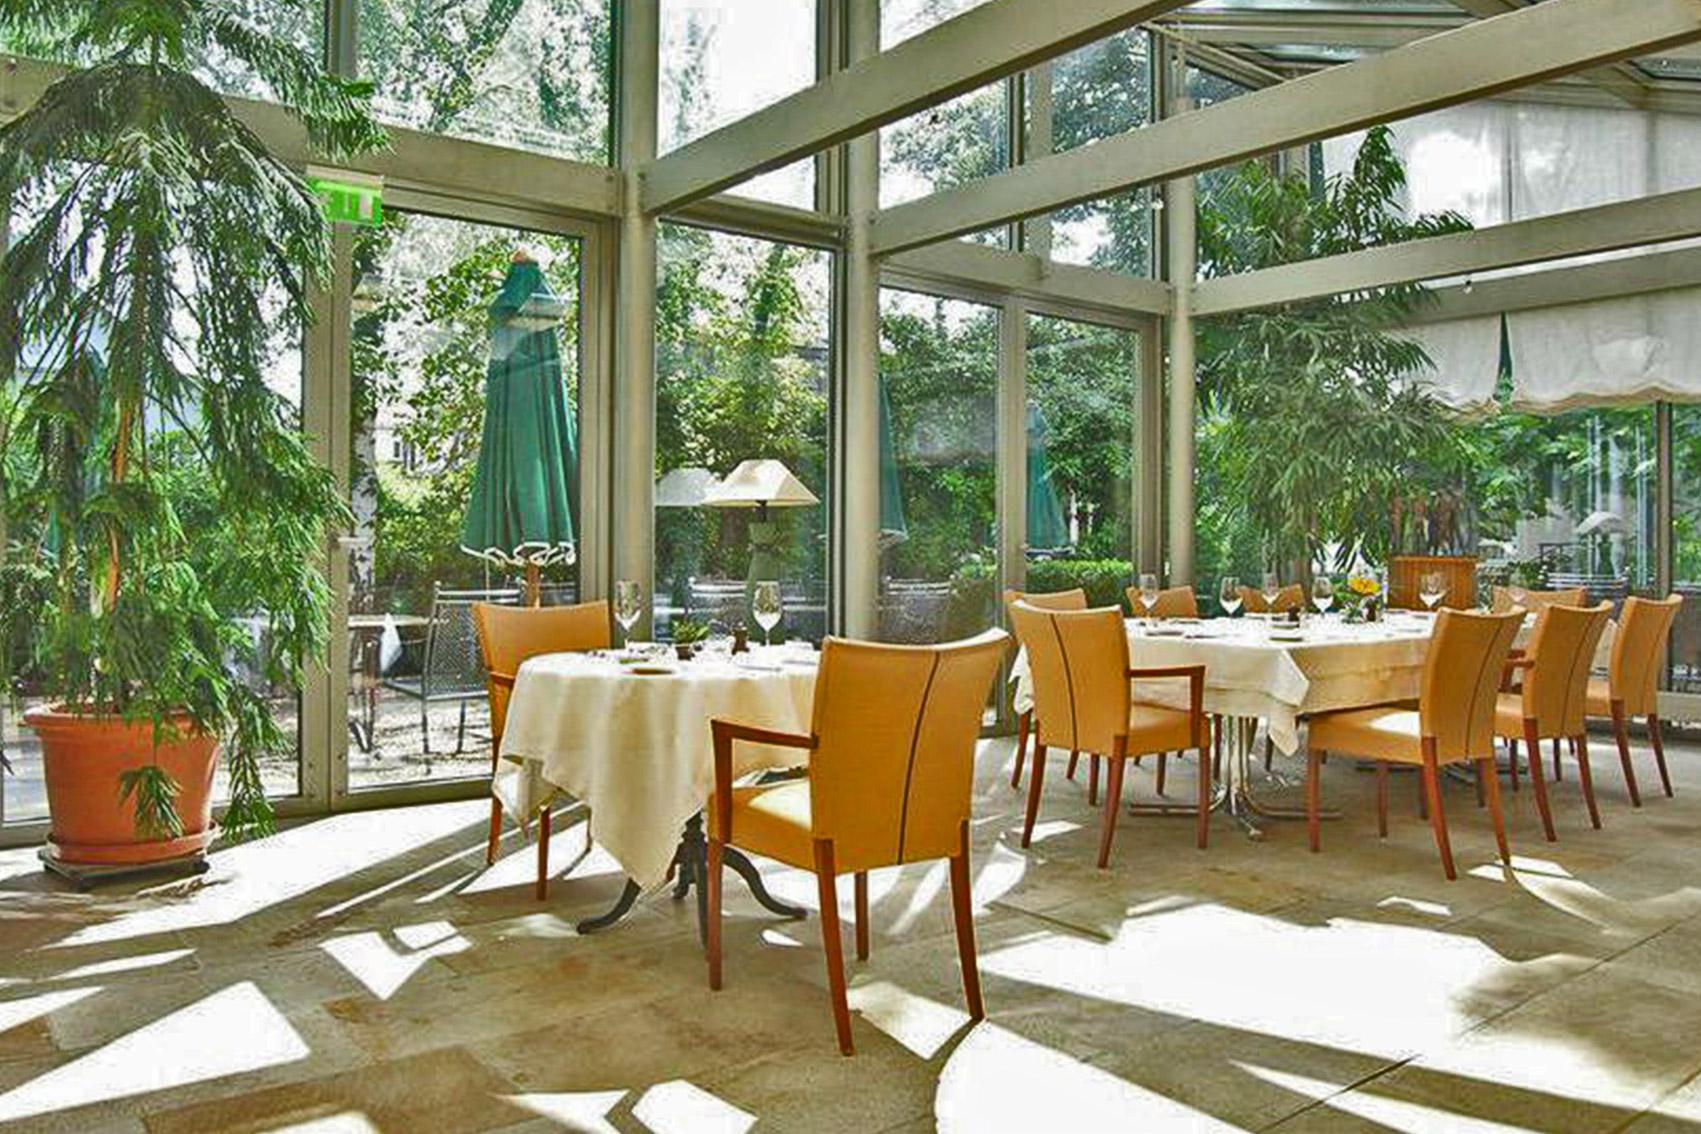 نمایی زیبا از رستوران هتل انجیمت سیتی گاردن